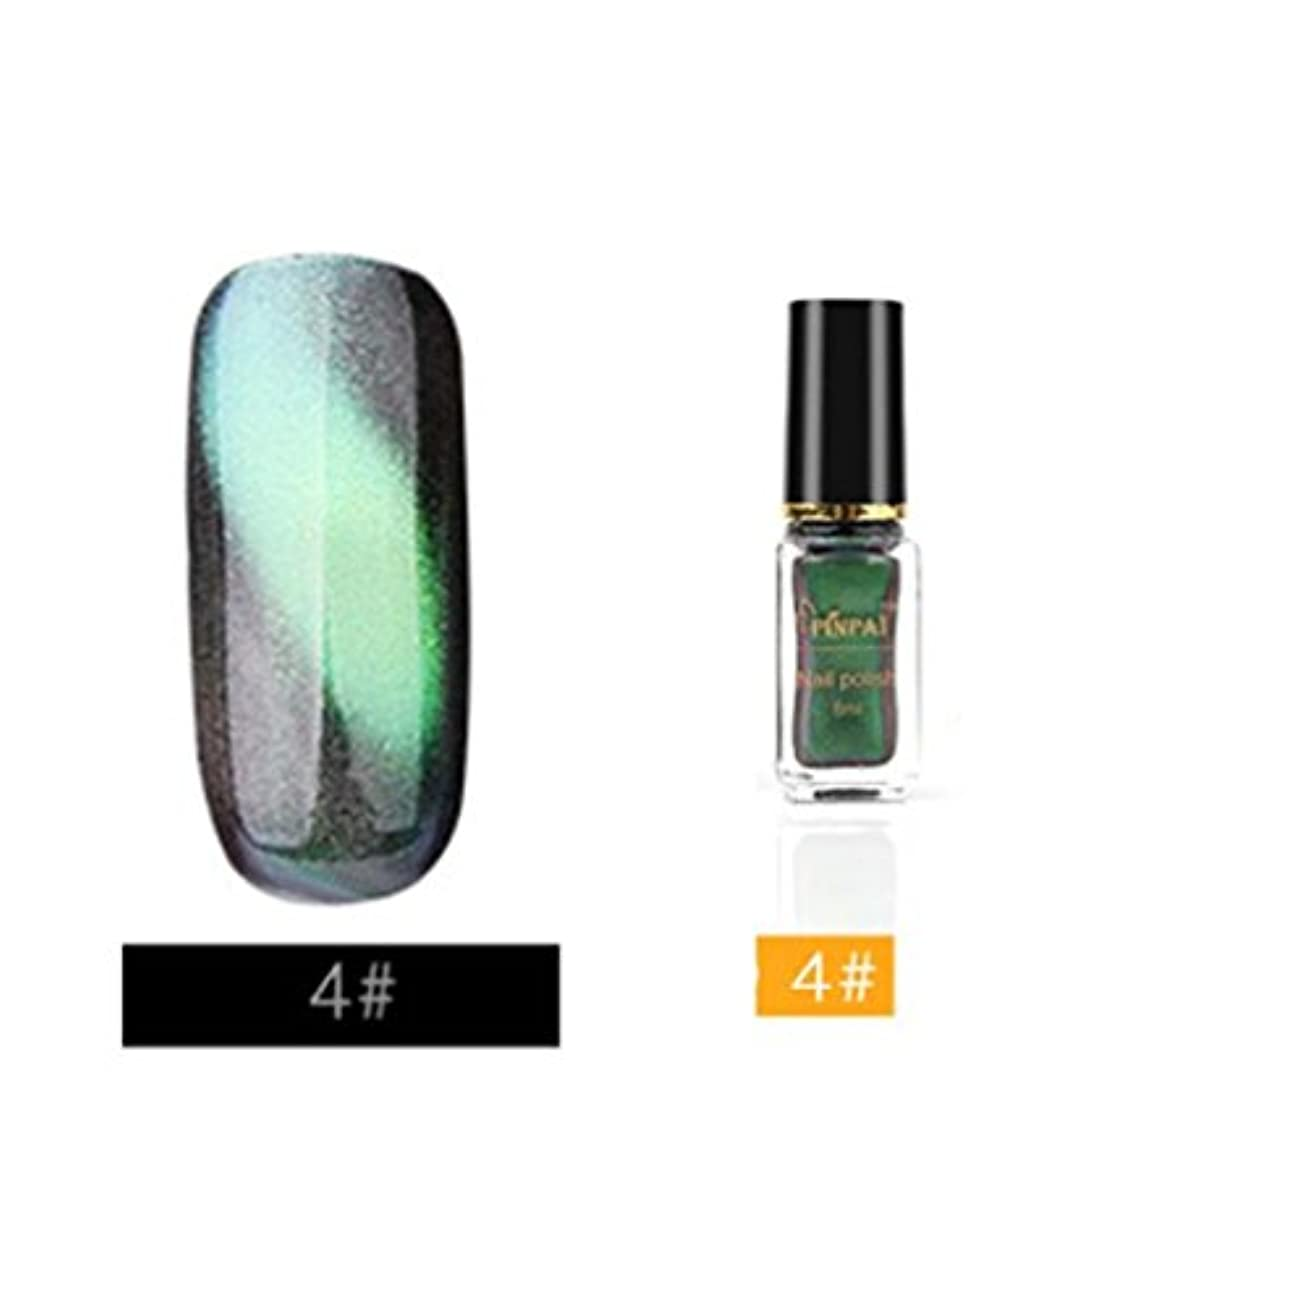 信頼できるモトリー四分円カラー ネイルカラー BOBOGOJP 人気 流行 キャッツアイマニキュア 塗りやすい キラキラ マニュキア ネイルポリッシュ 3D Cat Eye Nail Polish ネイルケアツール 指先 爪先 (D)